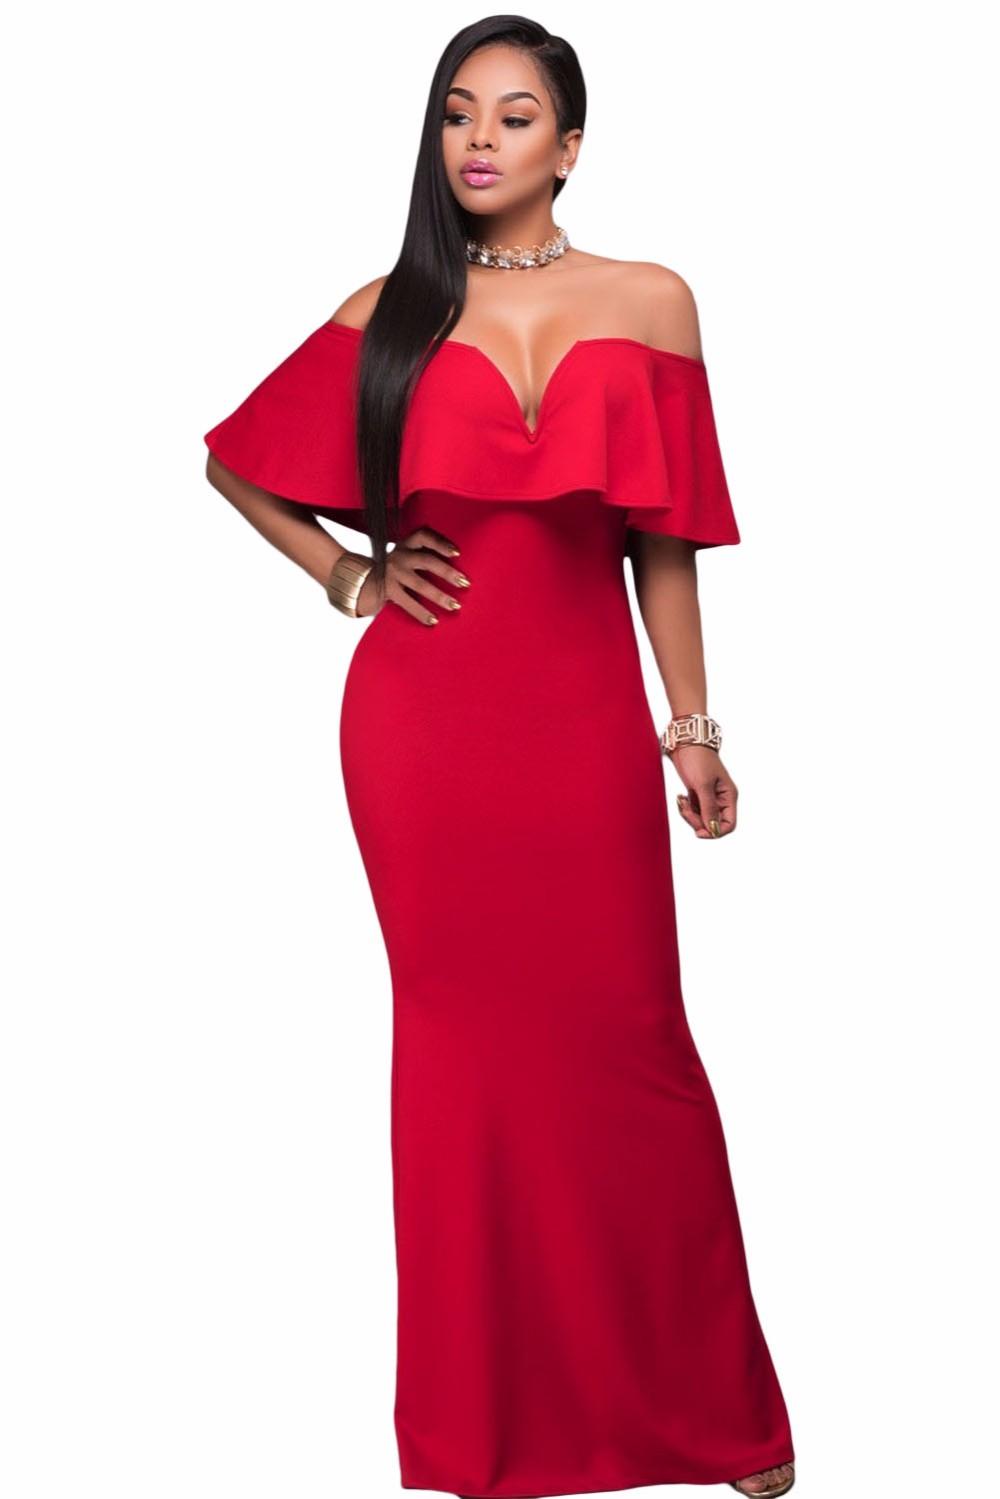 считаться длинное платье с открытыми плечами аксессуары фото вариант отлично подойдет